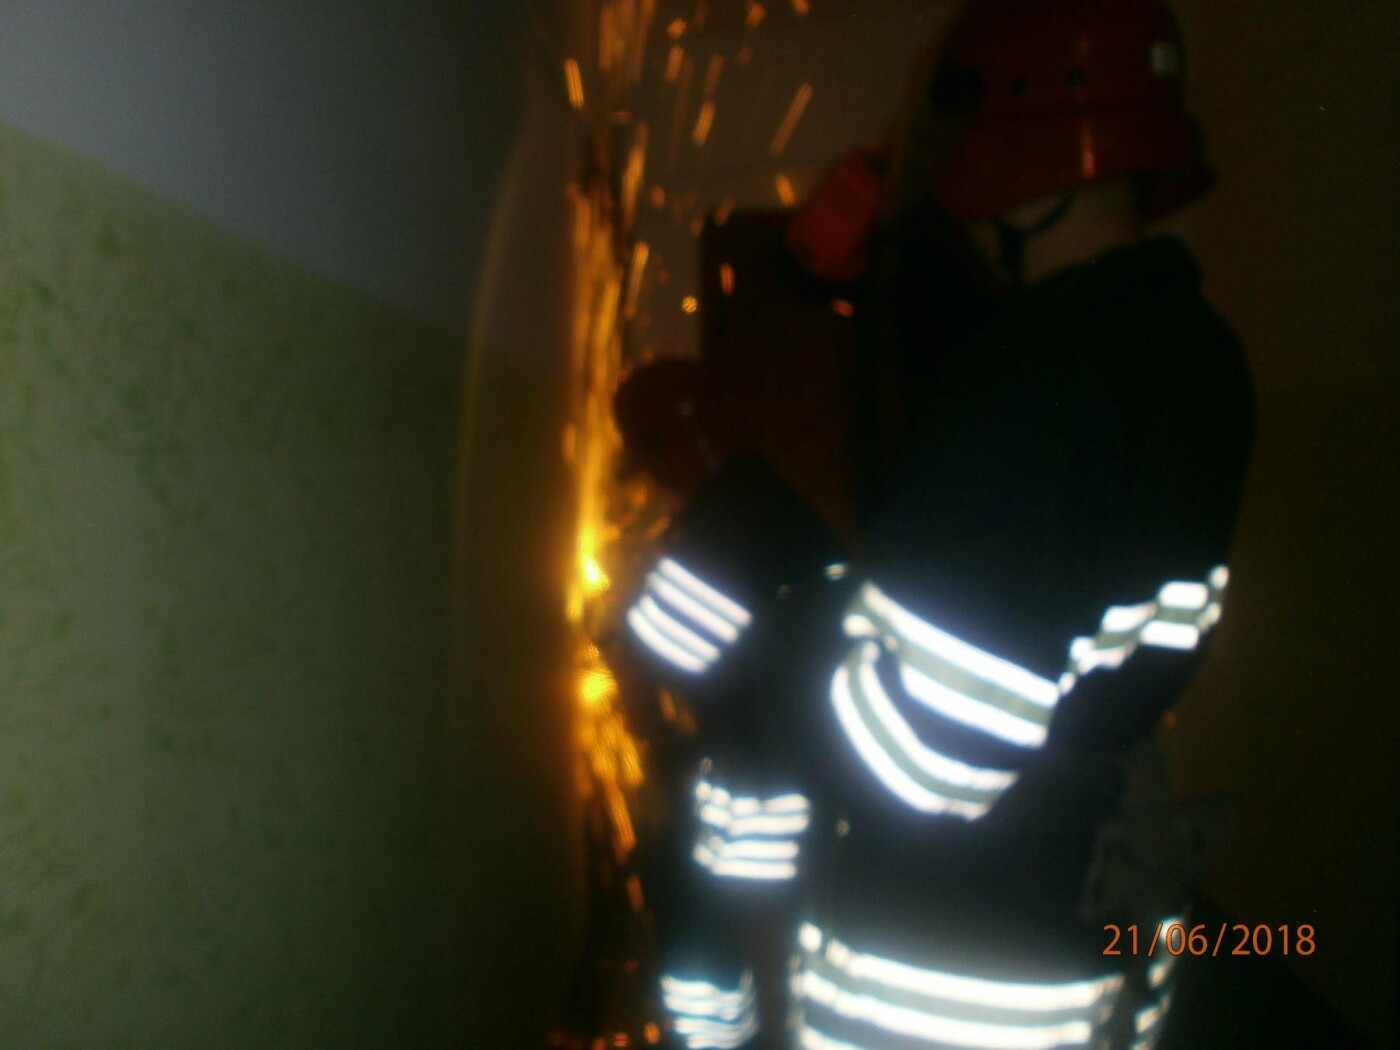 Білоцерківські рятувальники знайшли у зачиненій квартирі тіло жінки, фото-1